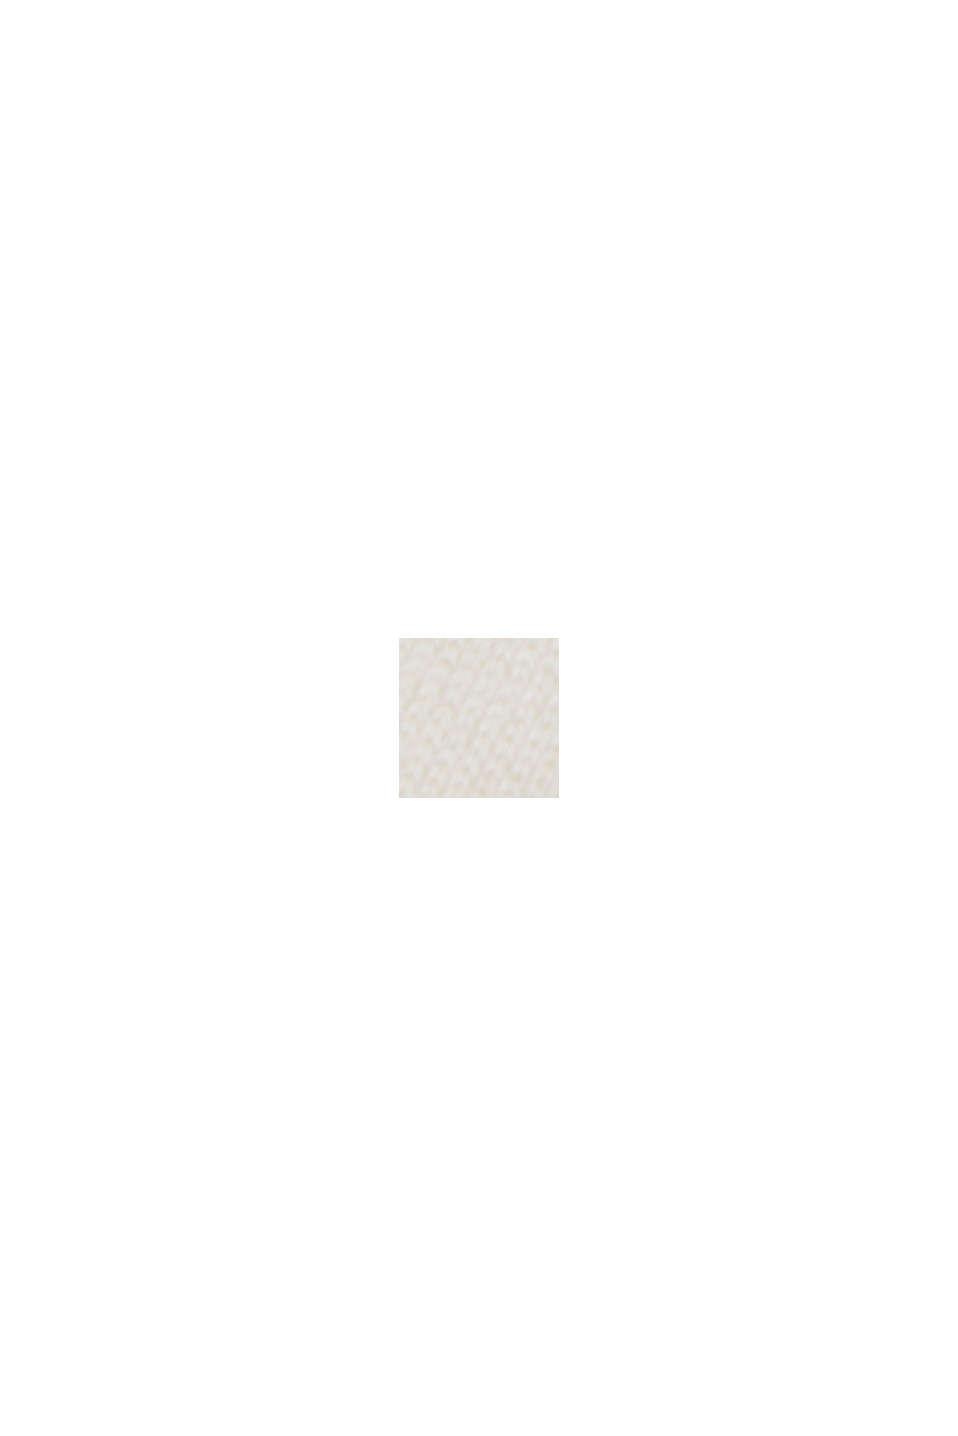 Jersey estilo sudadera de algodón Pima, OFF WHITE, swatch